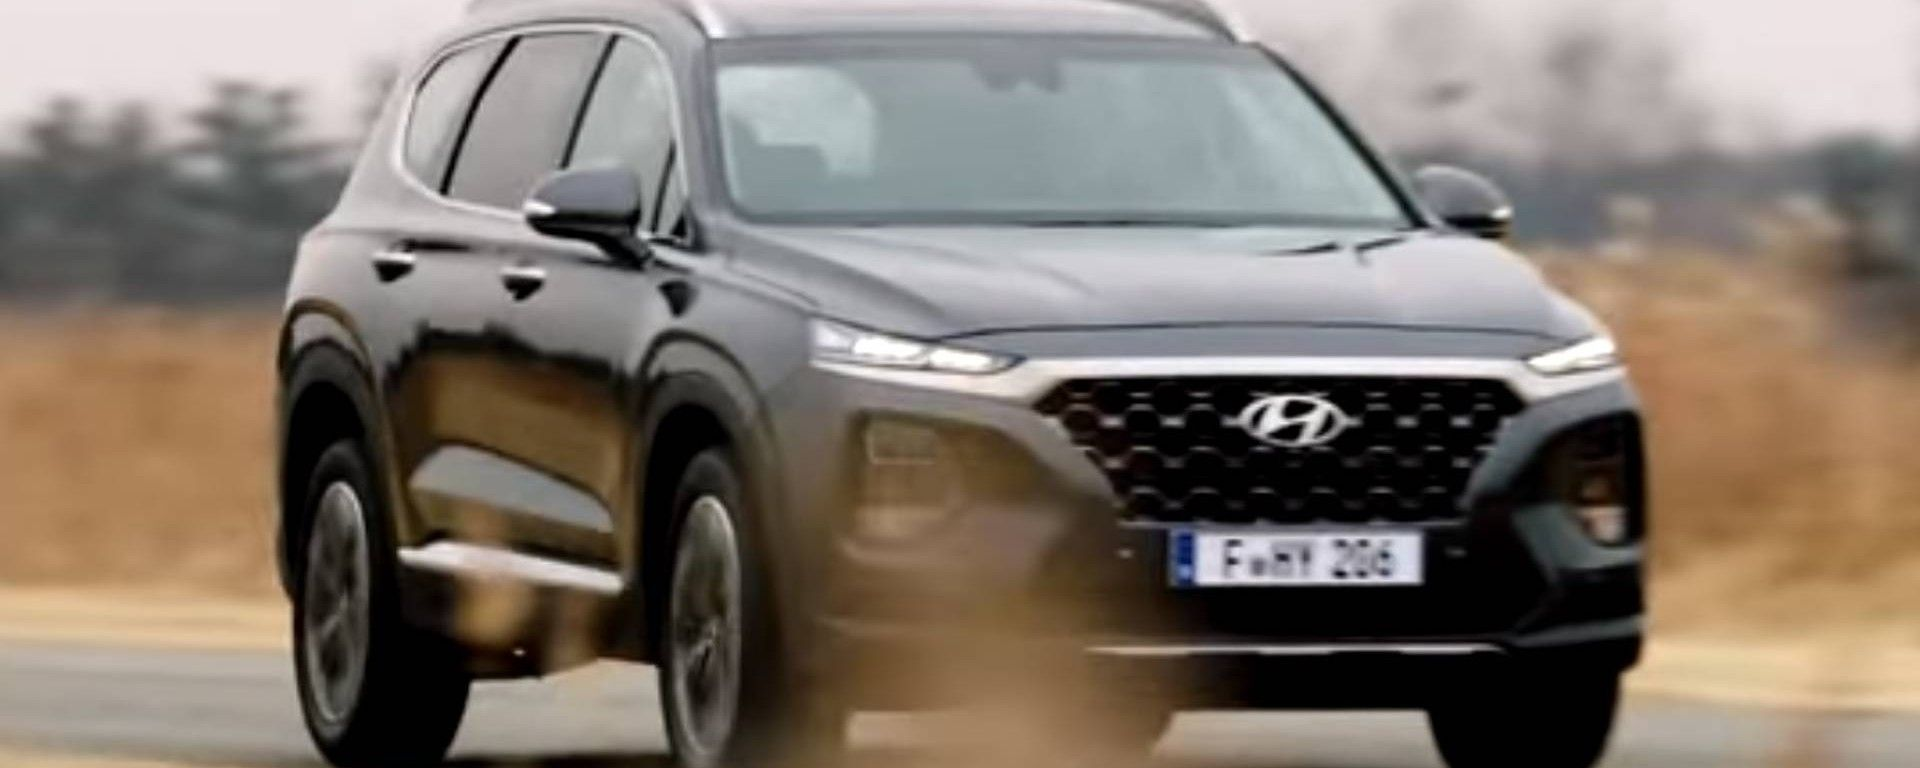 Nuova Hyundai Santa Fe: nuove immagini e video